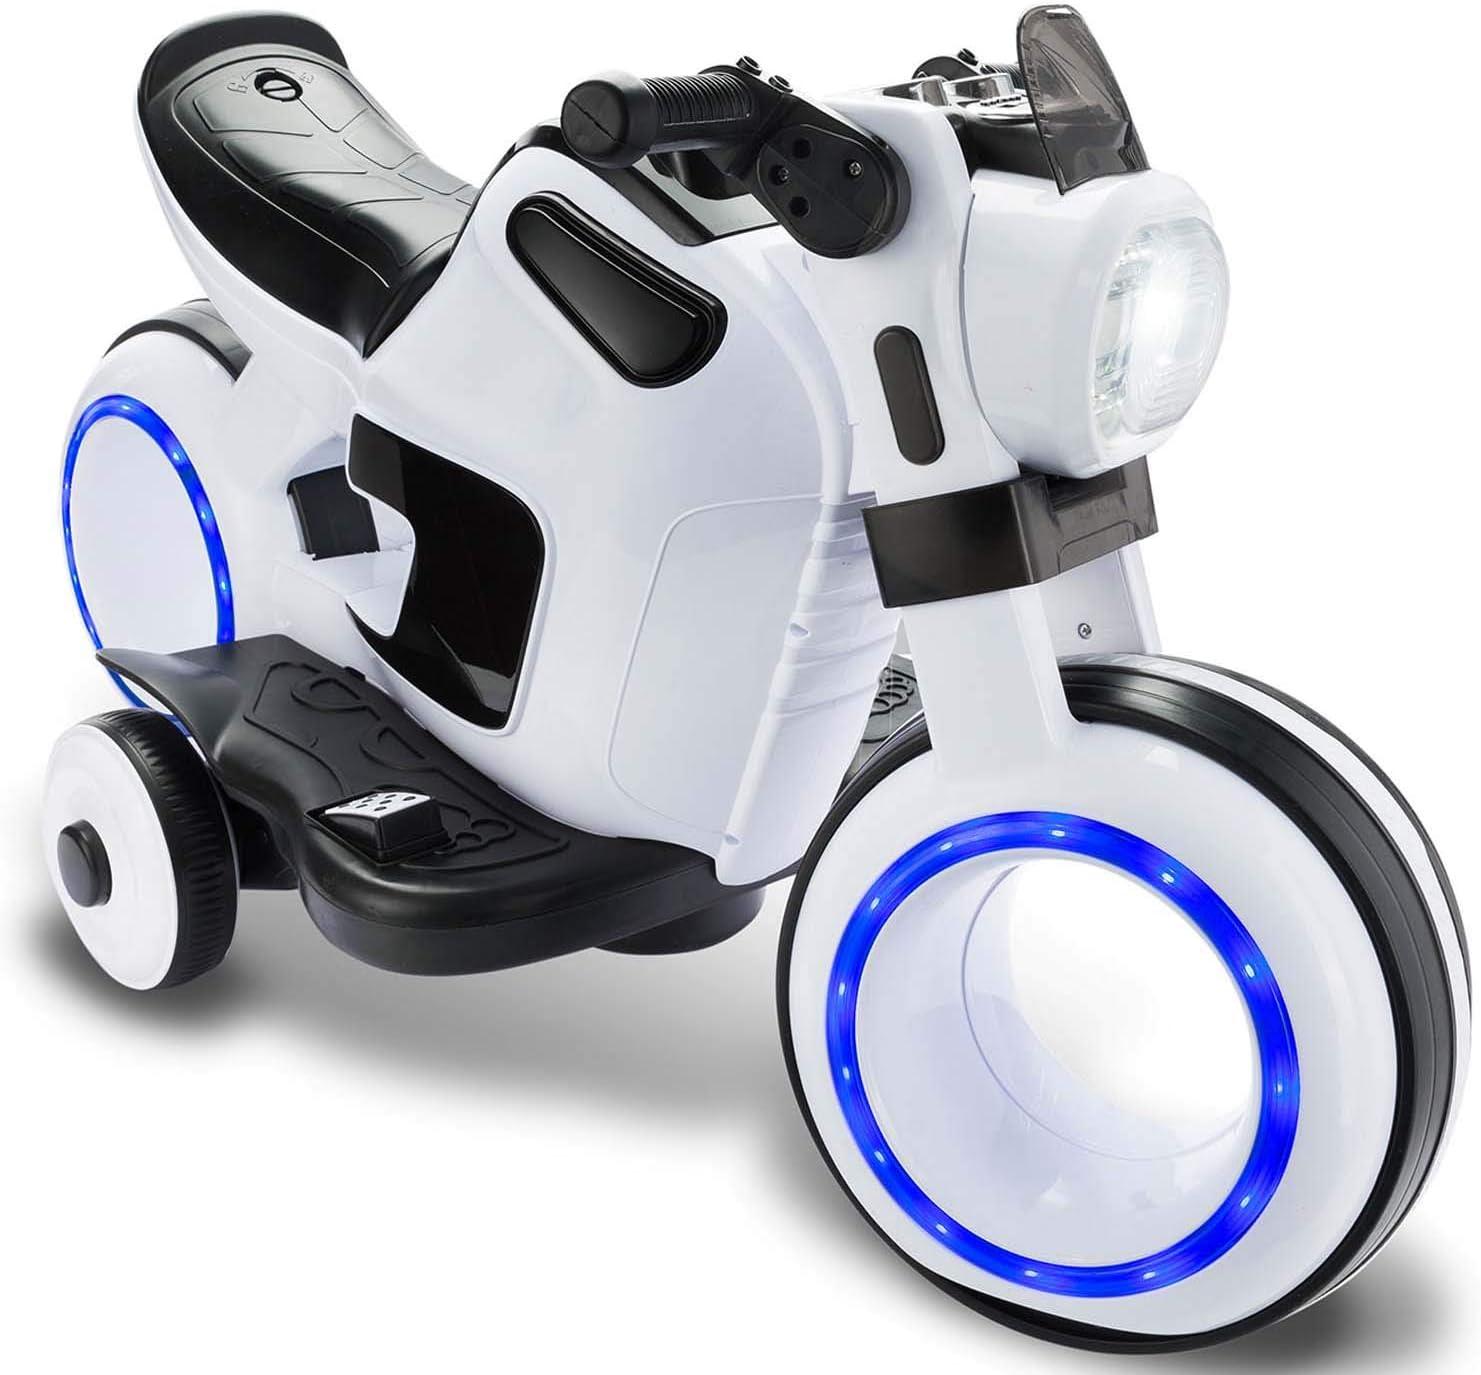 Goods & Gadgets Motocicleta eléctrica para niños | Vehículos Infantiles Vehículos eléctricos E-Scooters Scooters eléctricos para niños